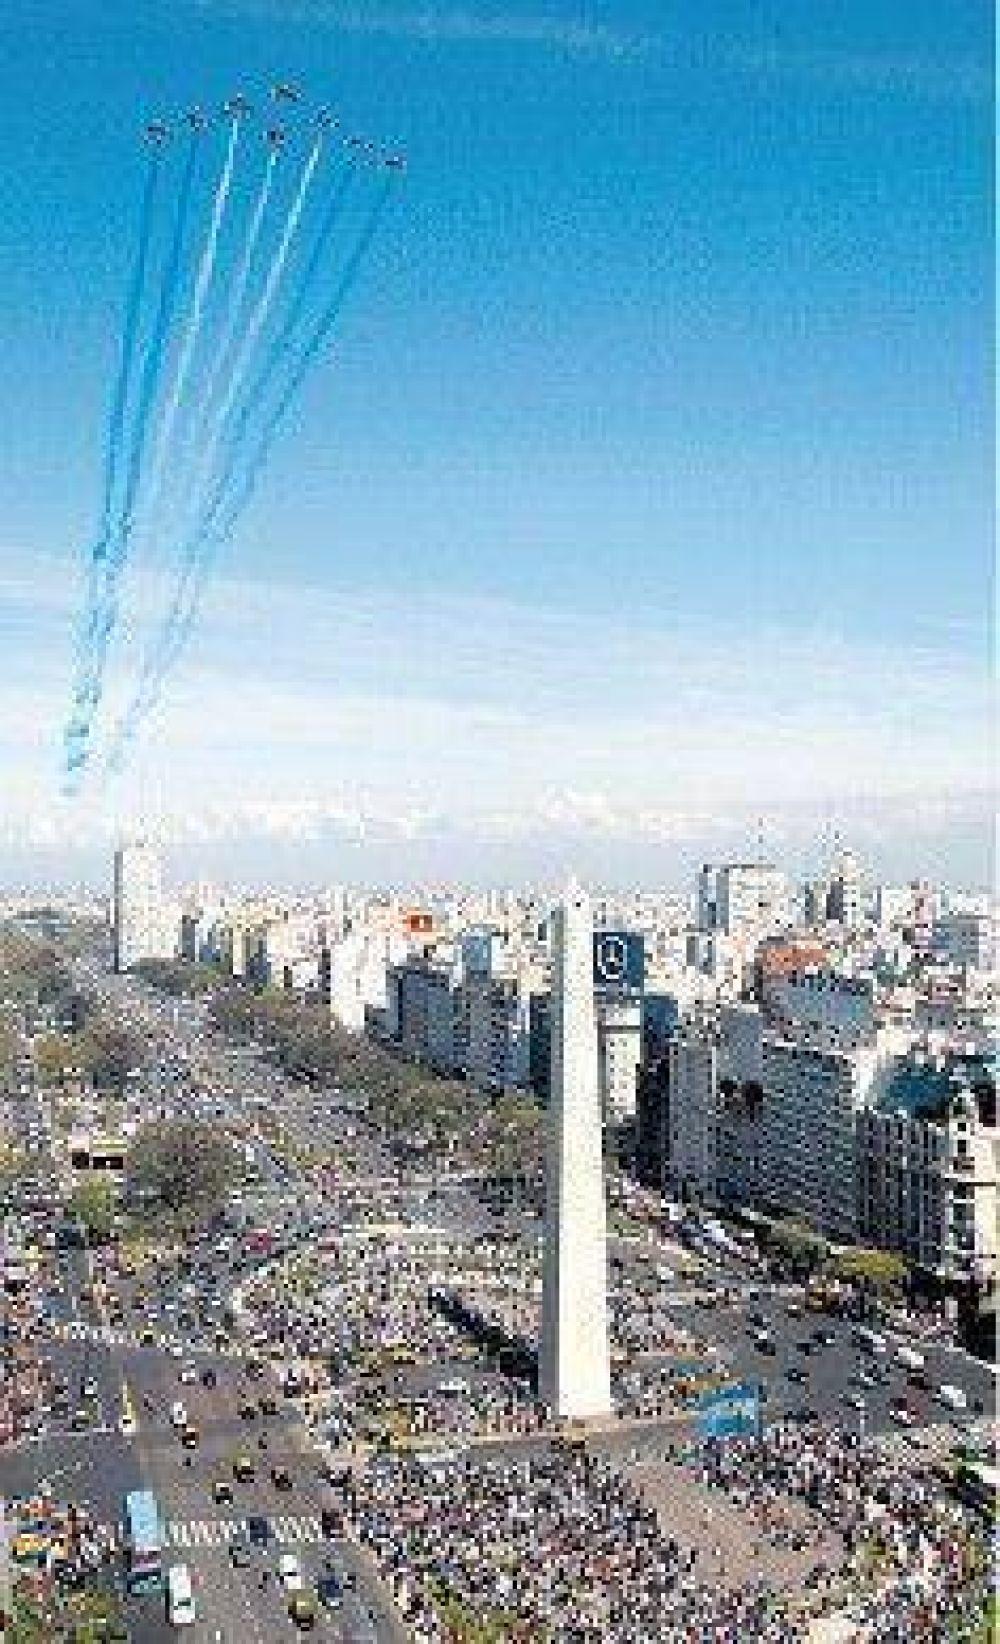 El cielo porteño fue escenario de la destreza de jets franceses